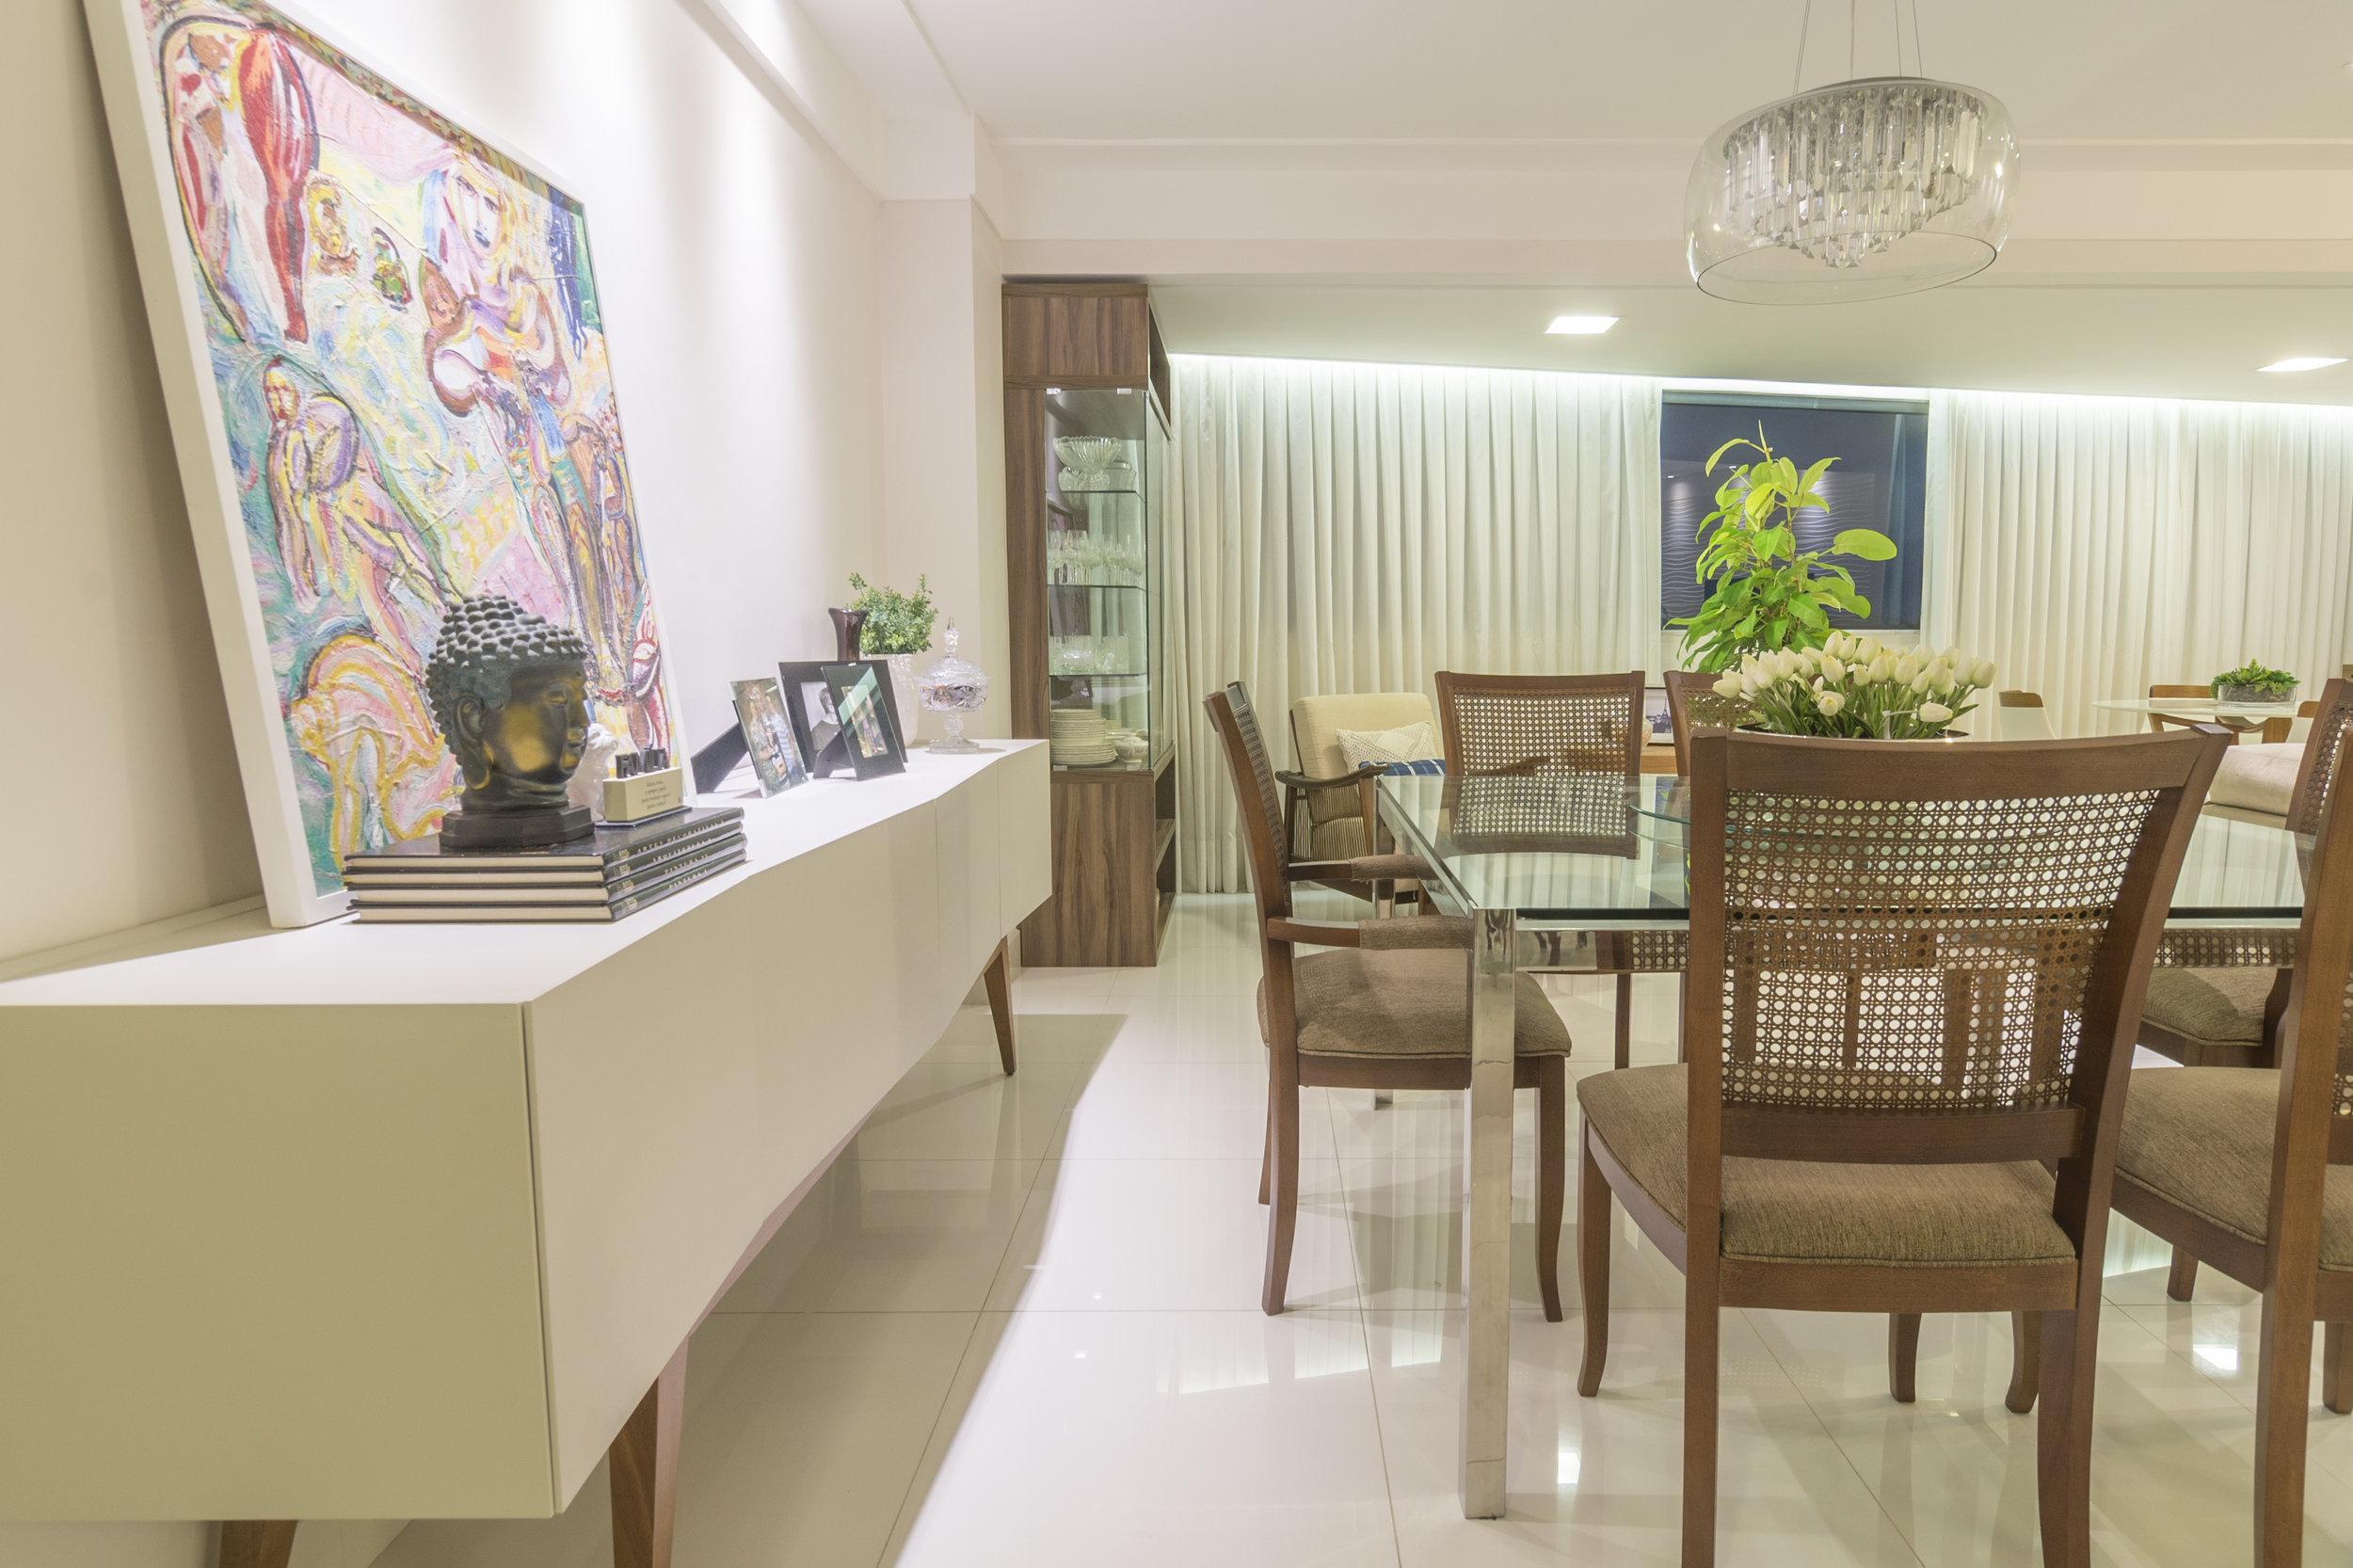 projeto-arquitetonico-luciananilton-duo-arquitetura-apartamentos-natal-024.jpg